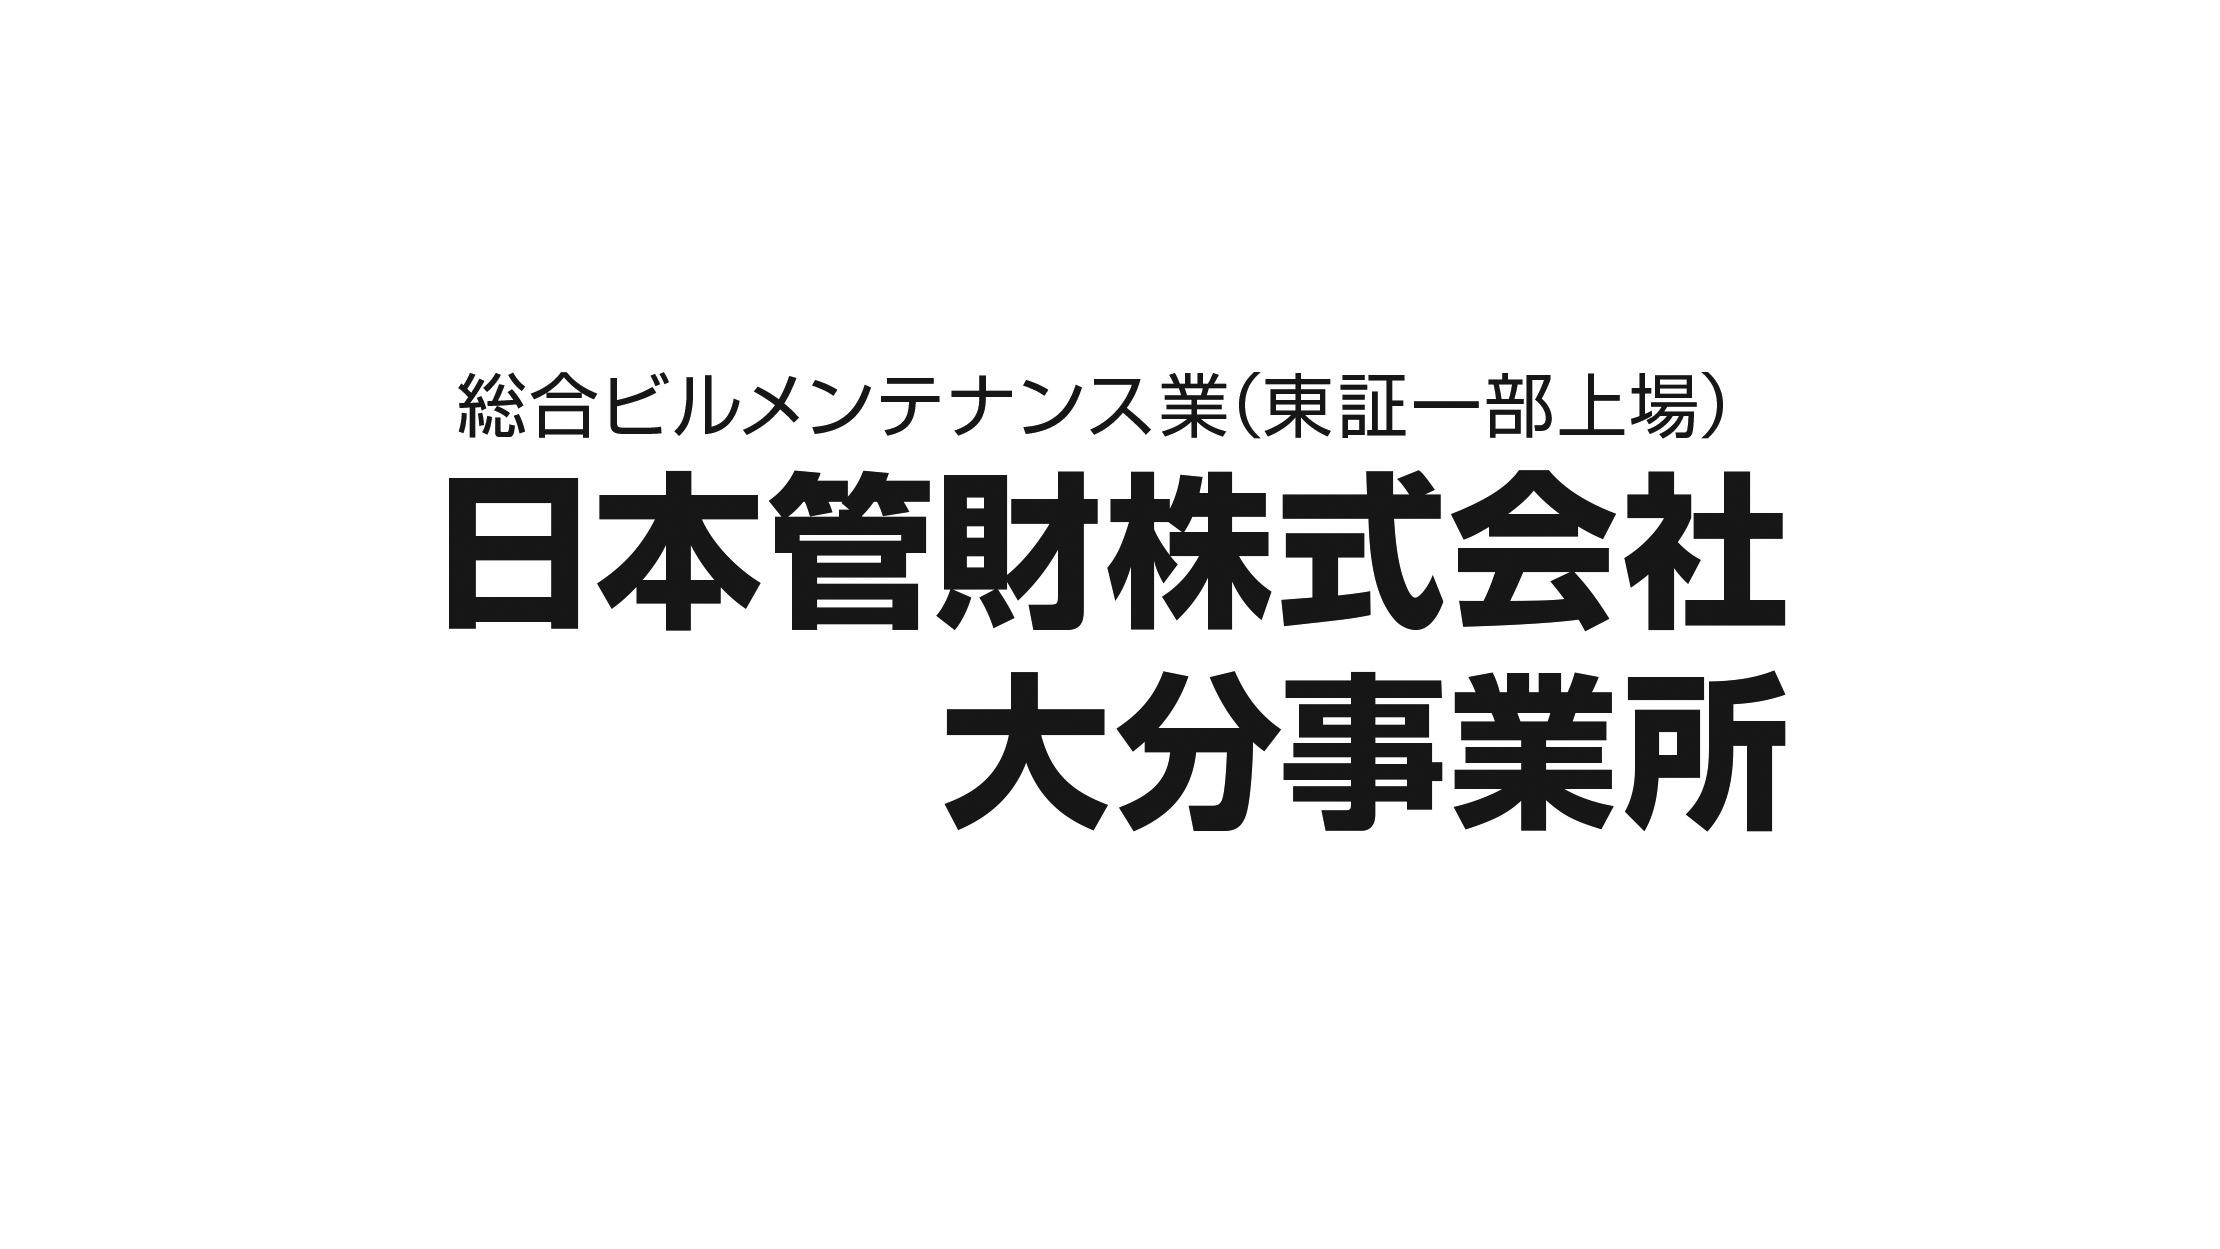 日本管財株式会社 大分事業所